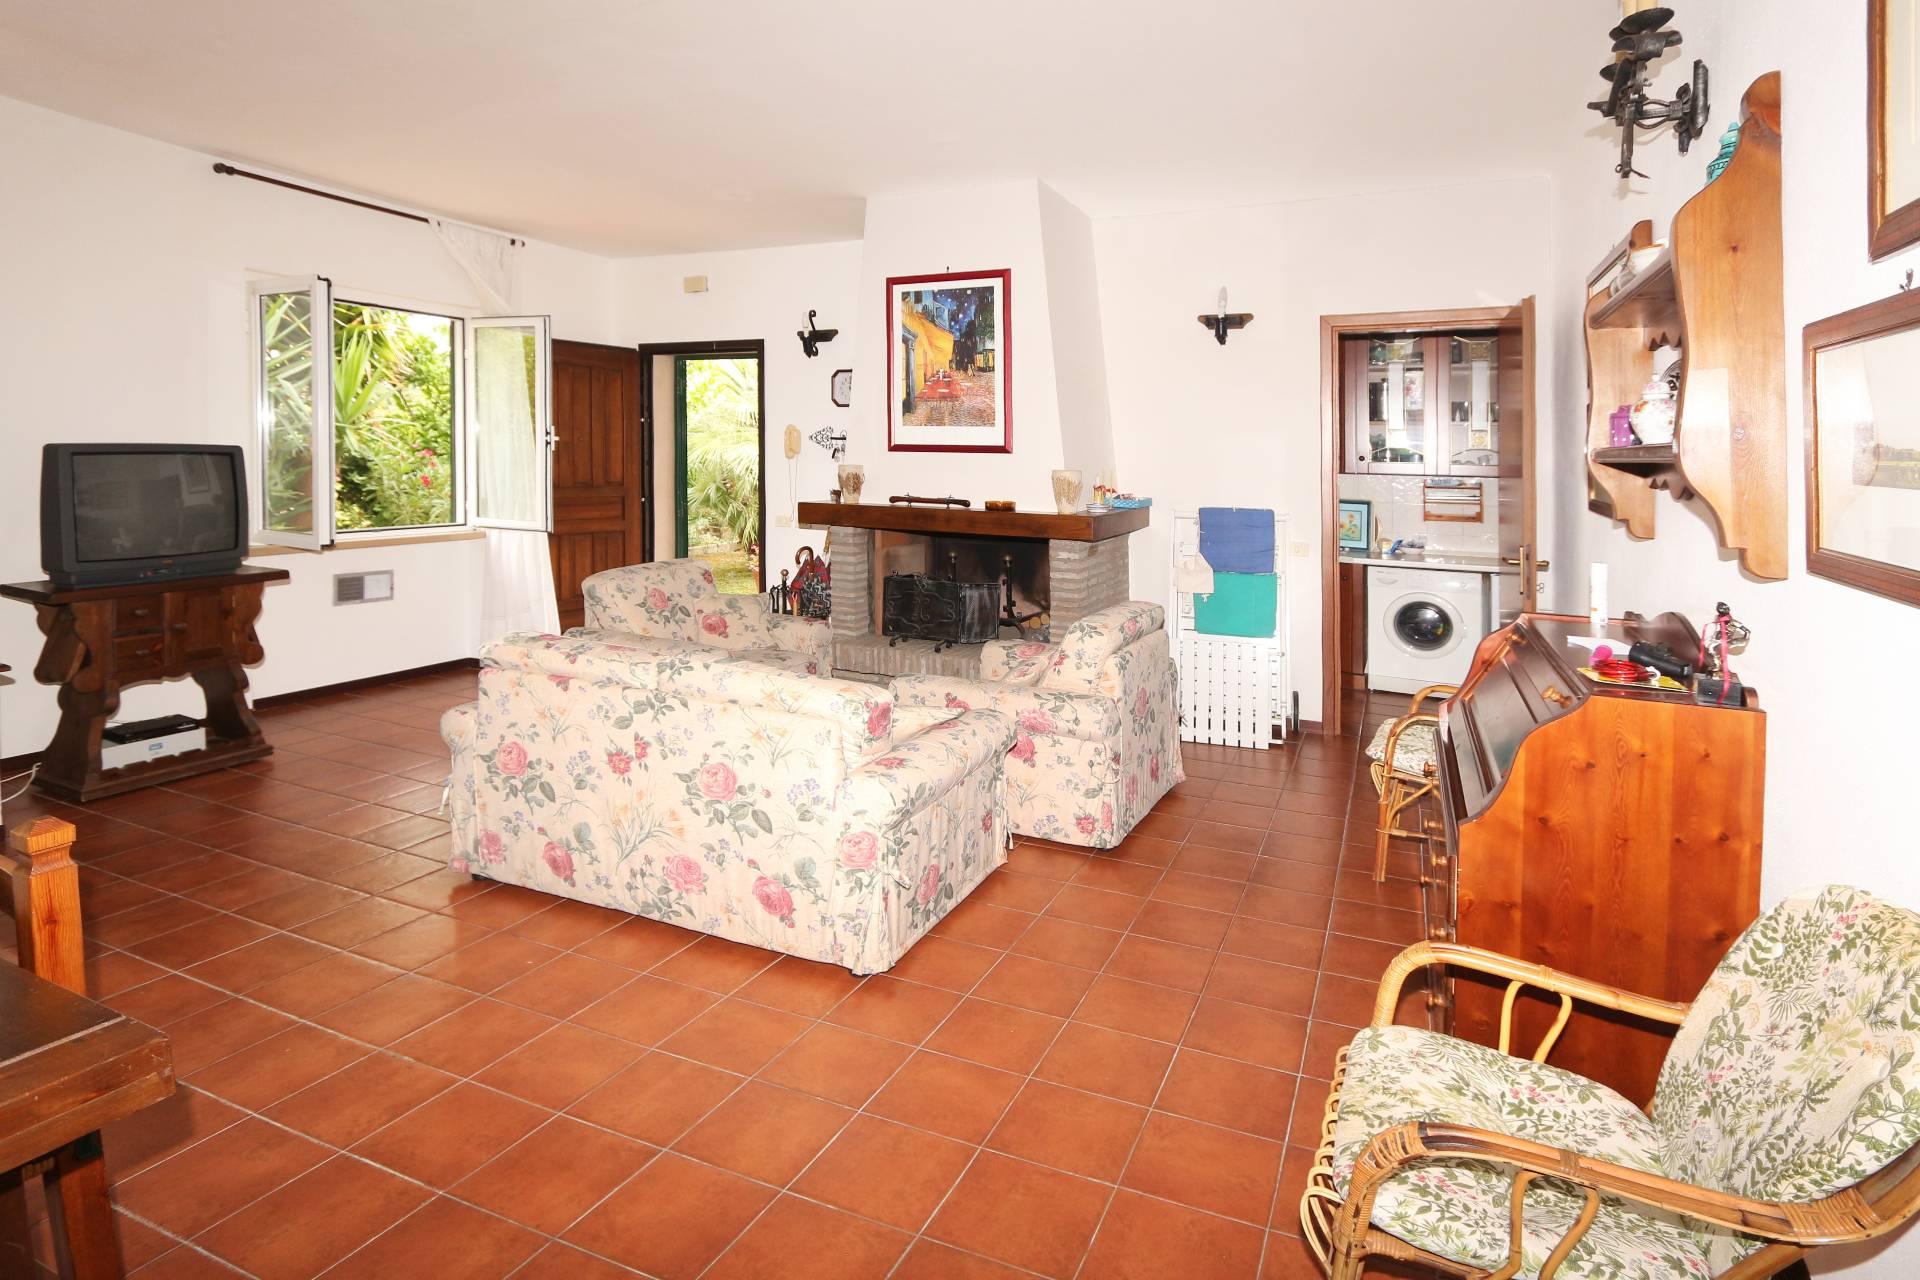 Villa in vendita a Tarquinia, 7 locali, zona Località: LidodiTarquinia, prezzo € 335.000 | CambioCasa.it